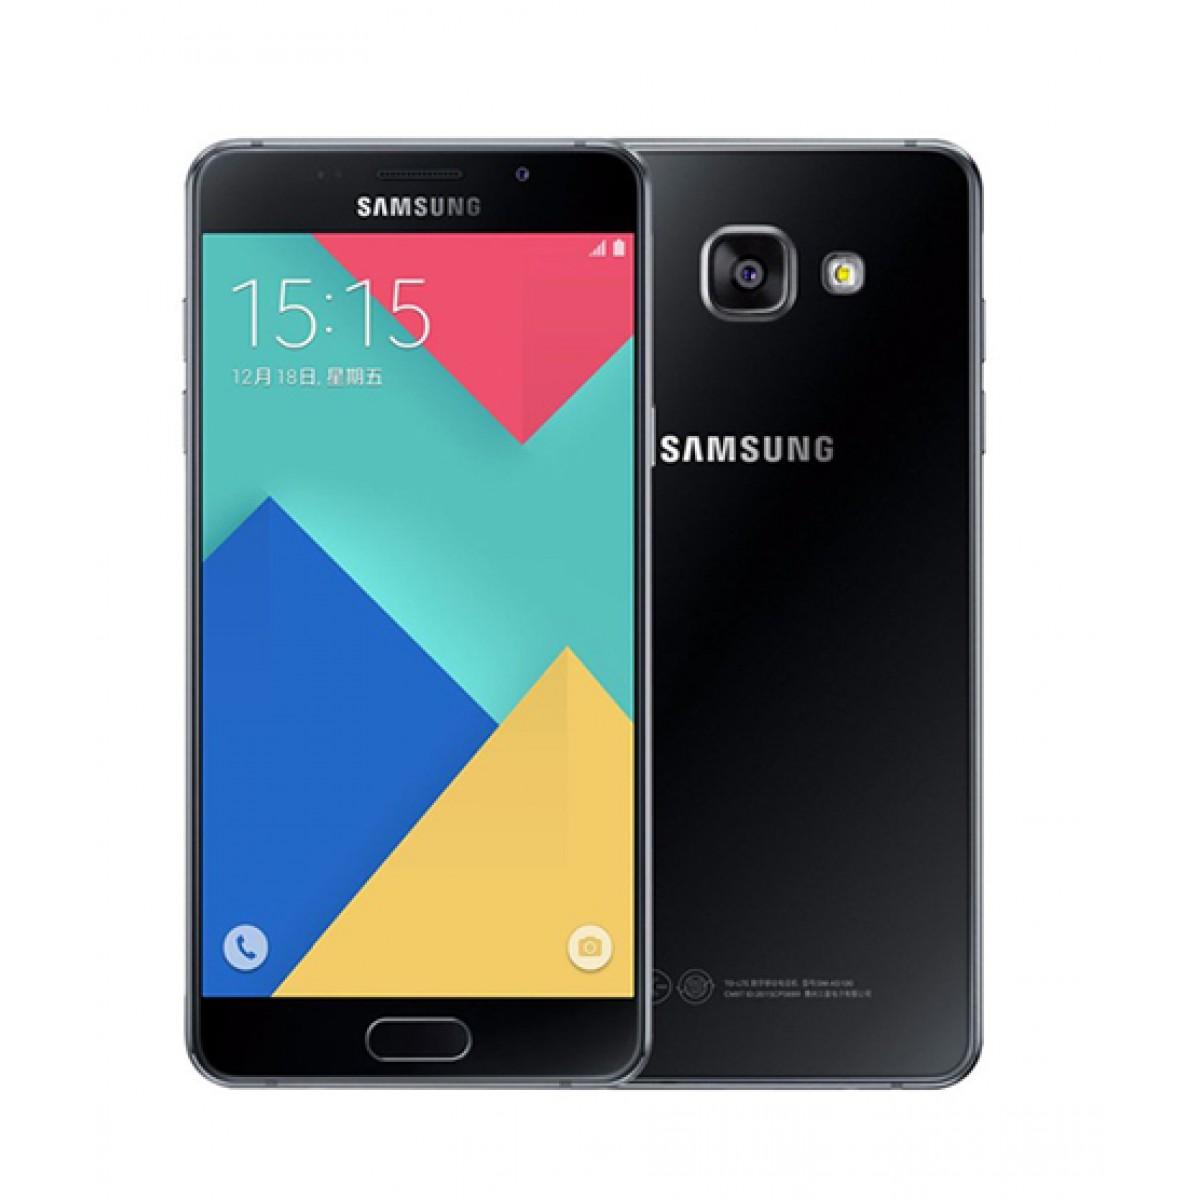 Samsung Galaxy A9 2016 Dual SIM Black (A9000)